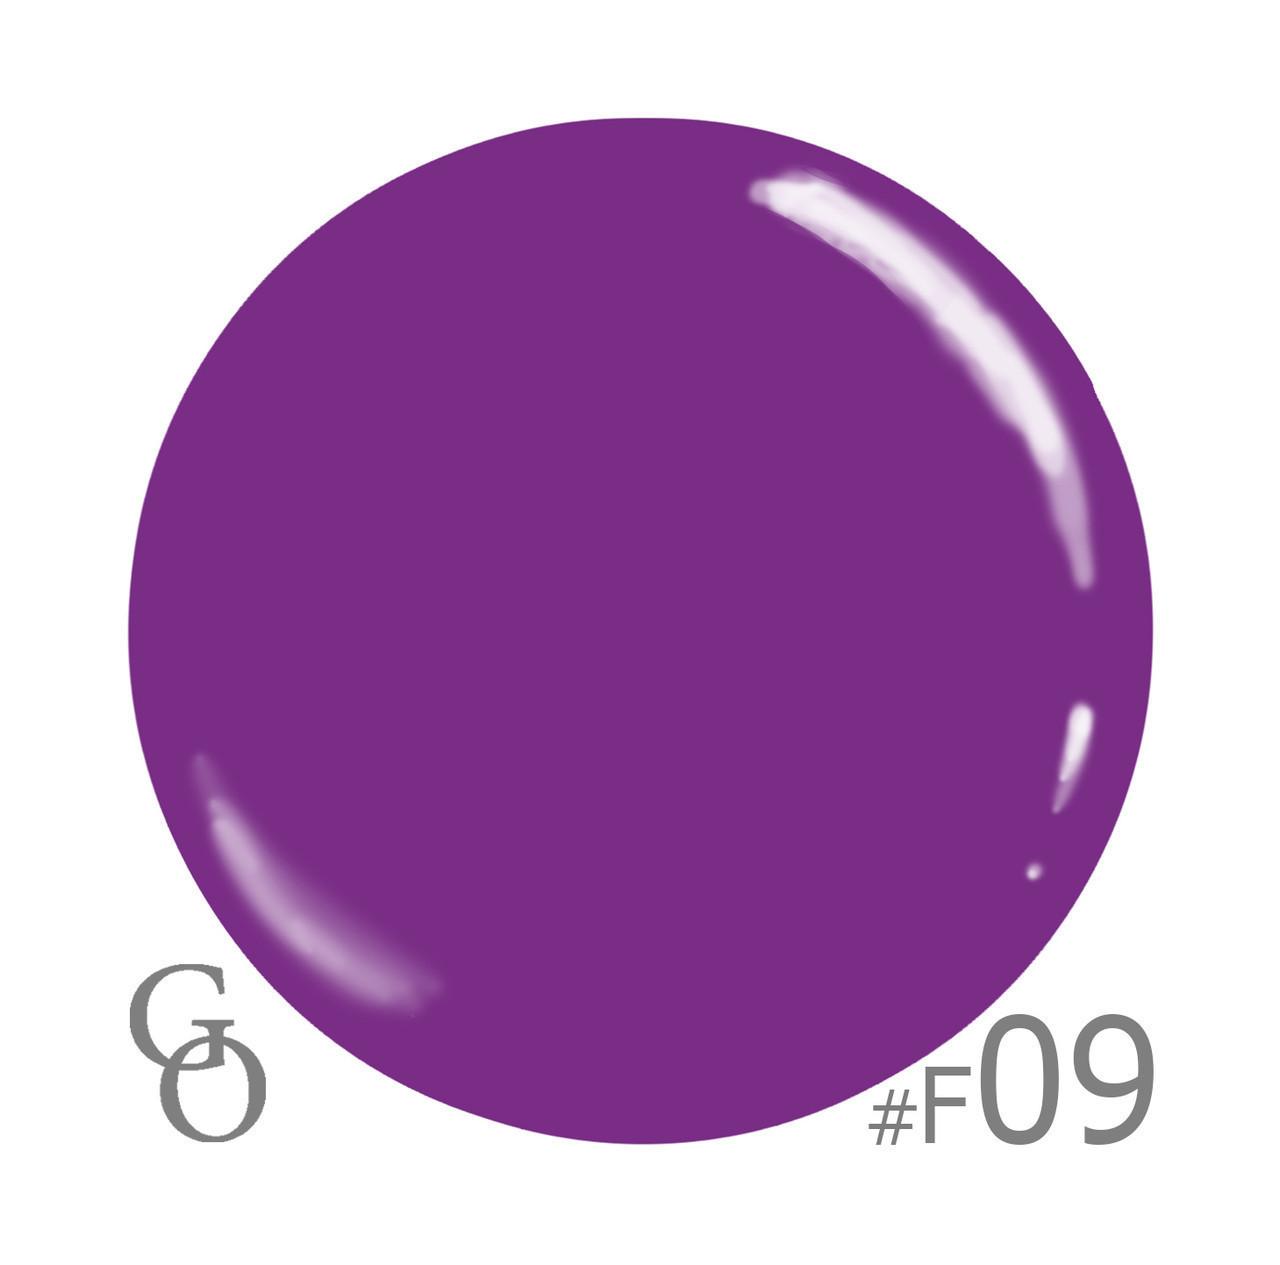 Гель-лак GO Fluo 09